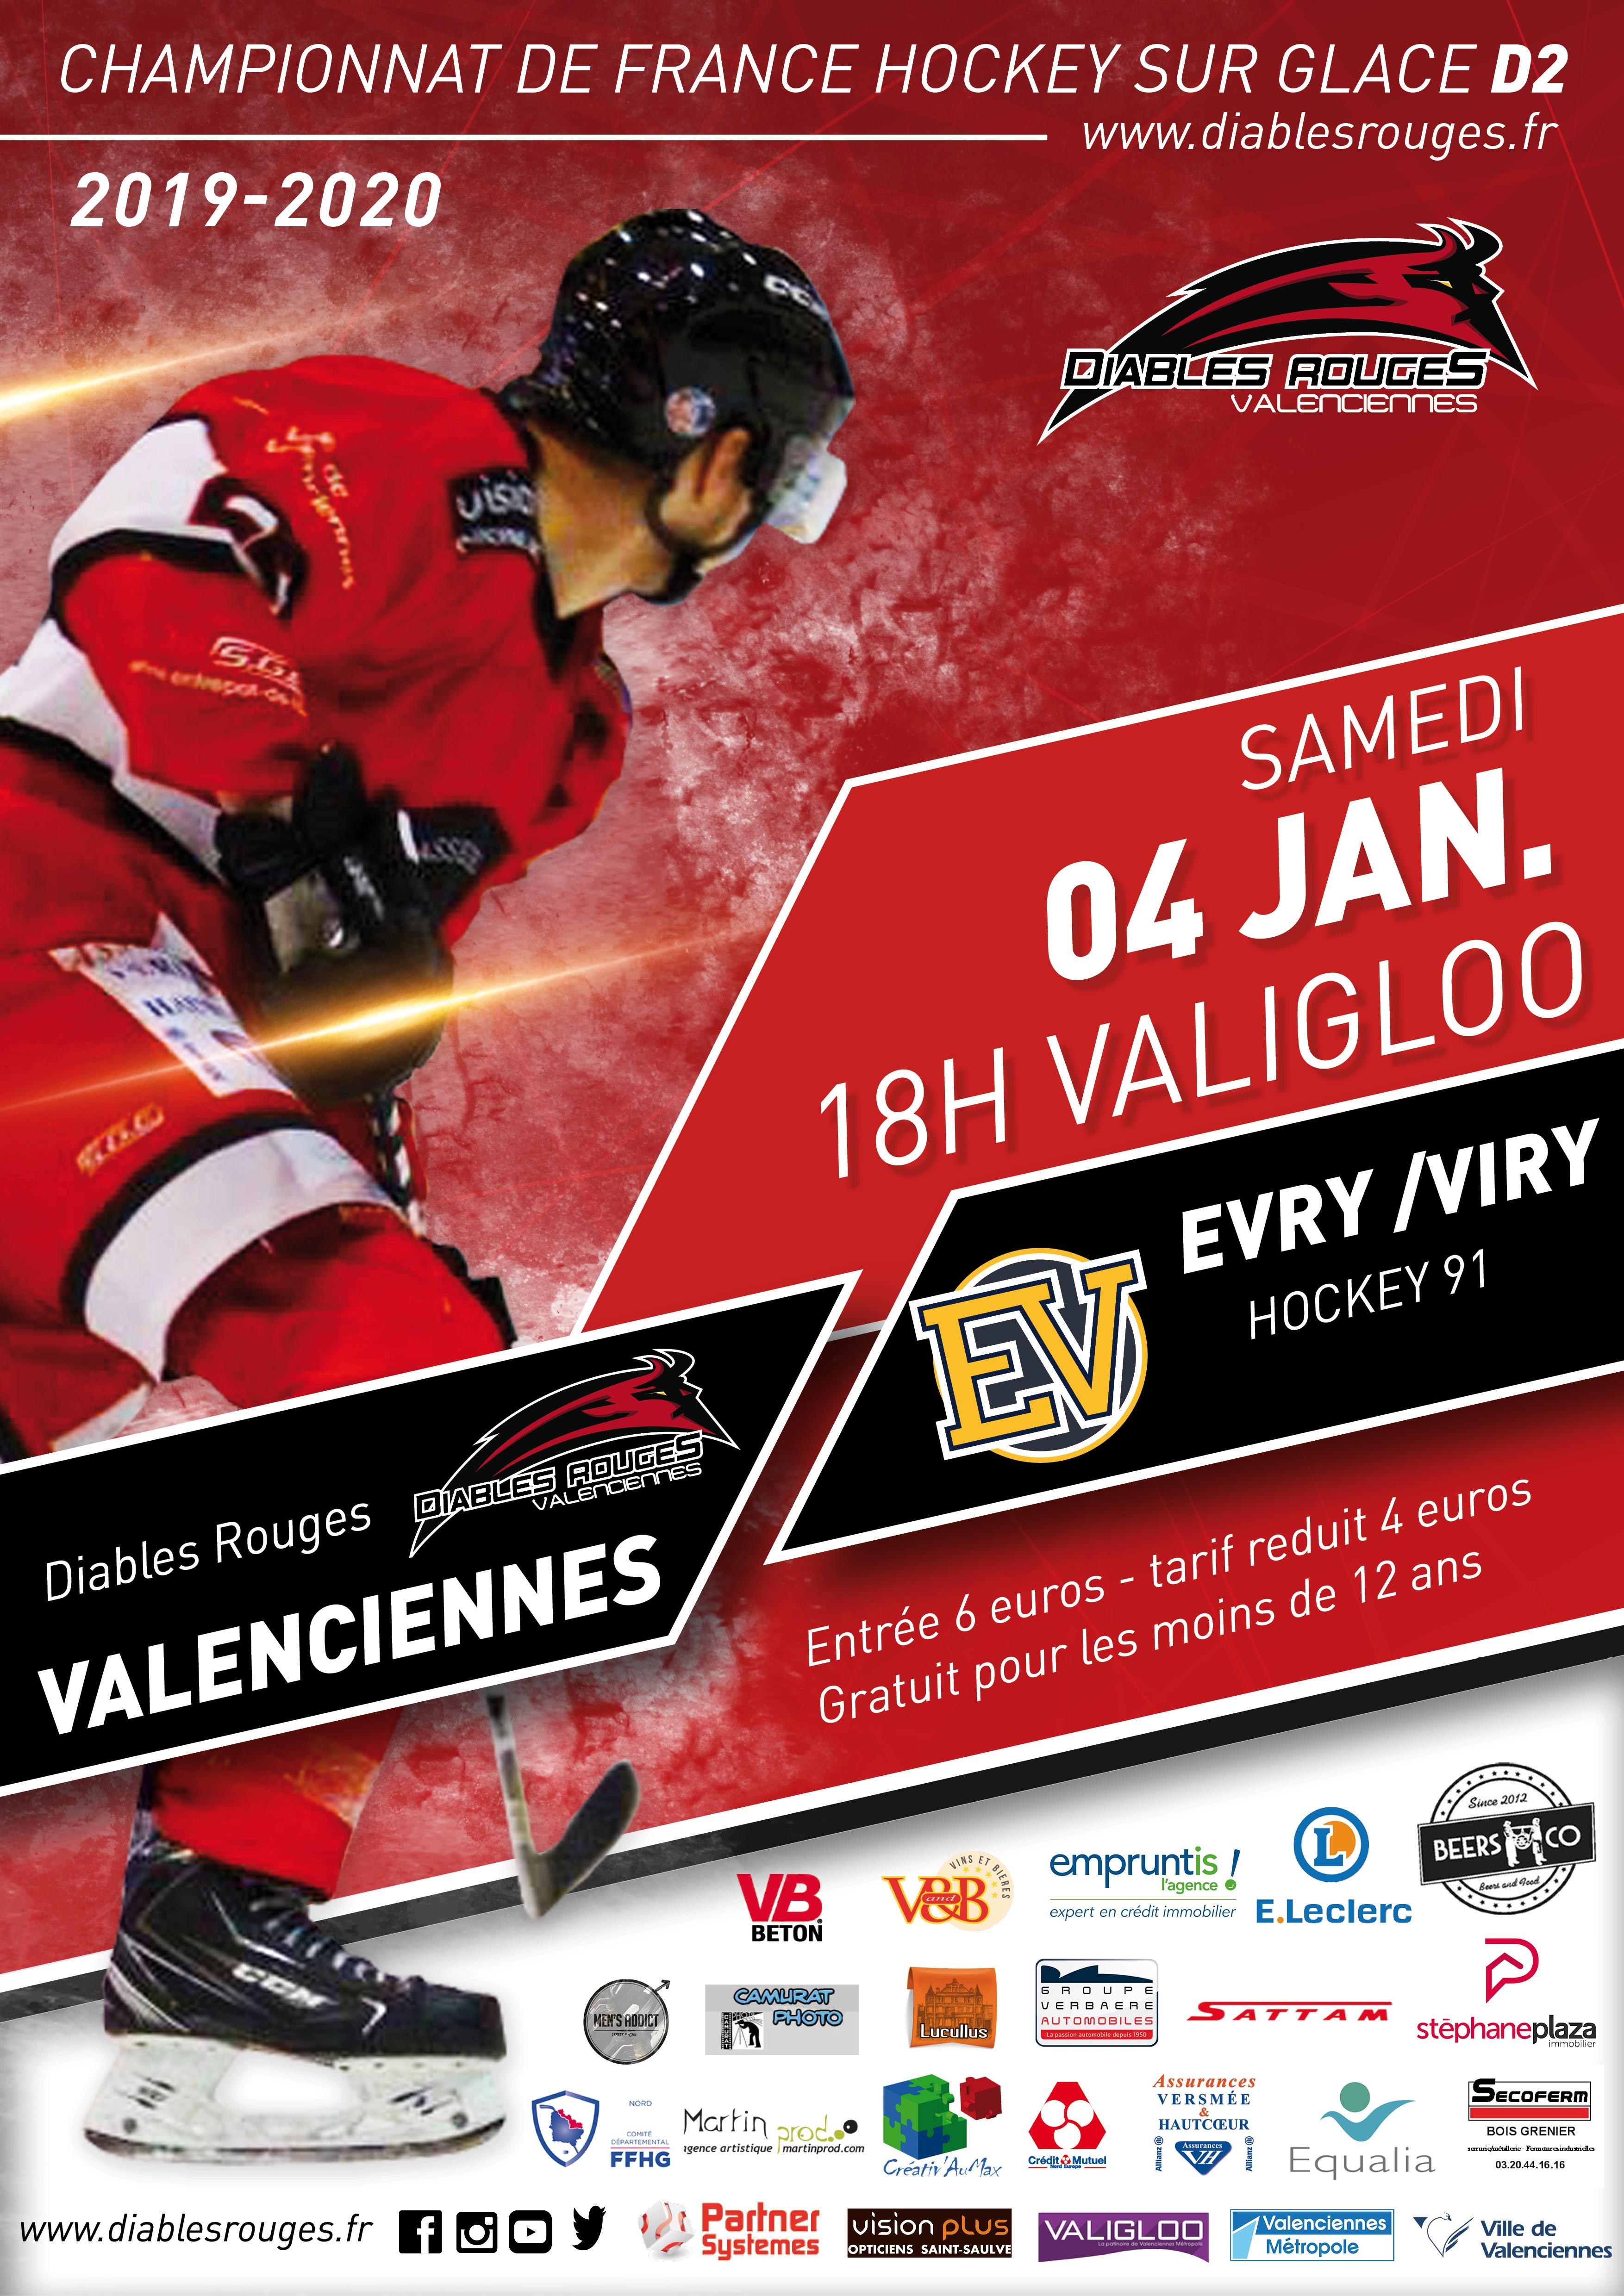 Valenciennes reçoit Evry/Viry ce samedi 04 janvier 2020